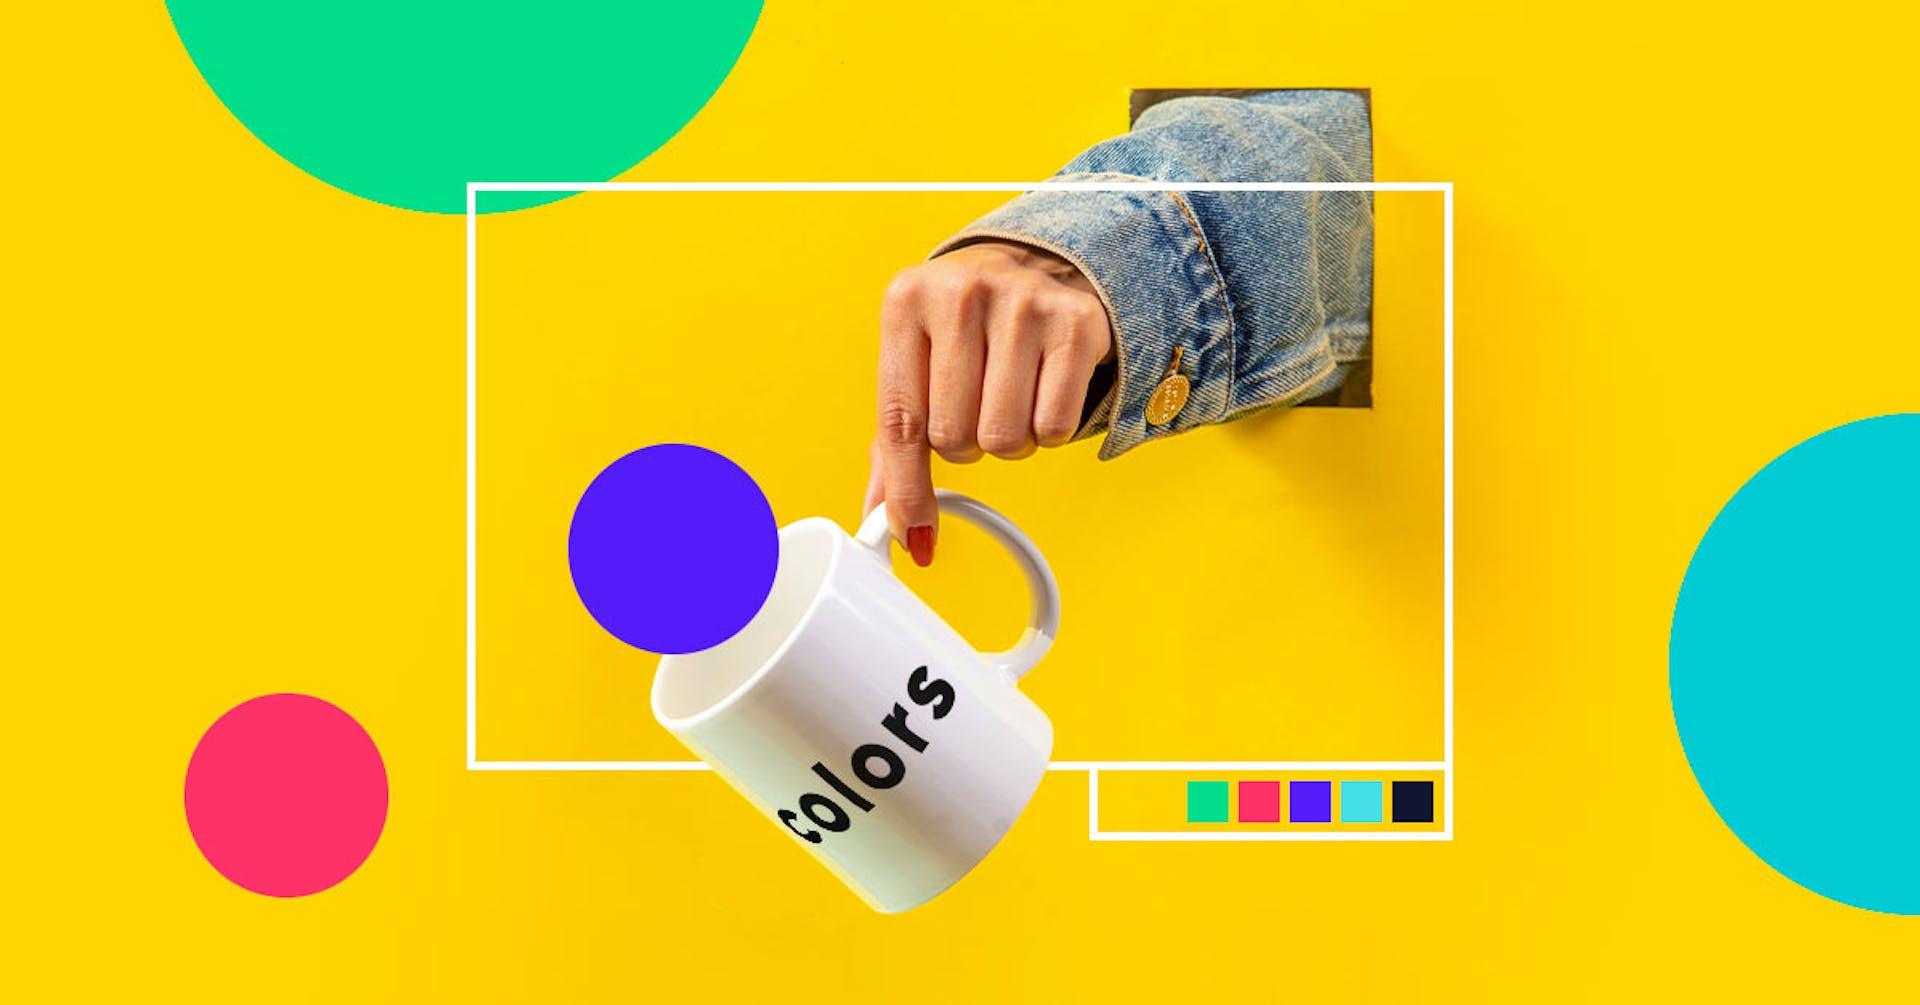 Como criar uma paleta de cores? Aqui está o truque